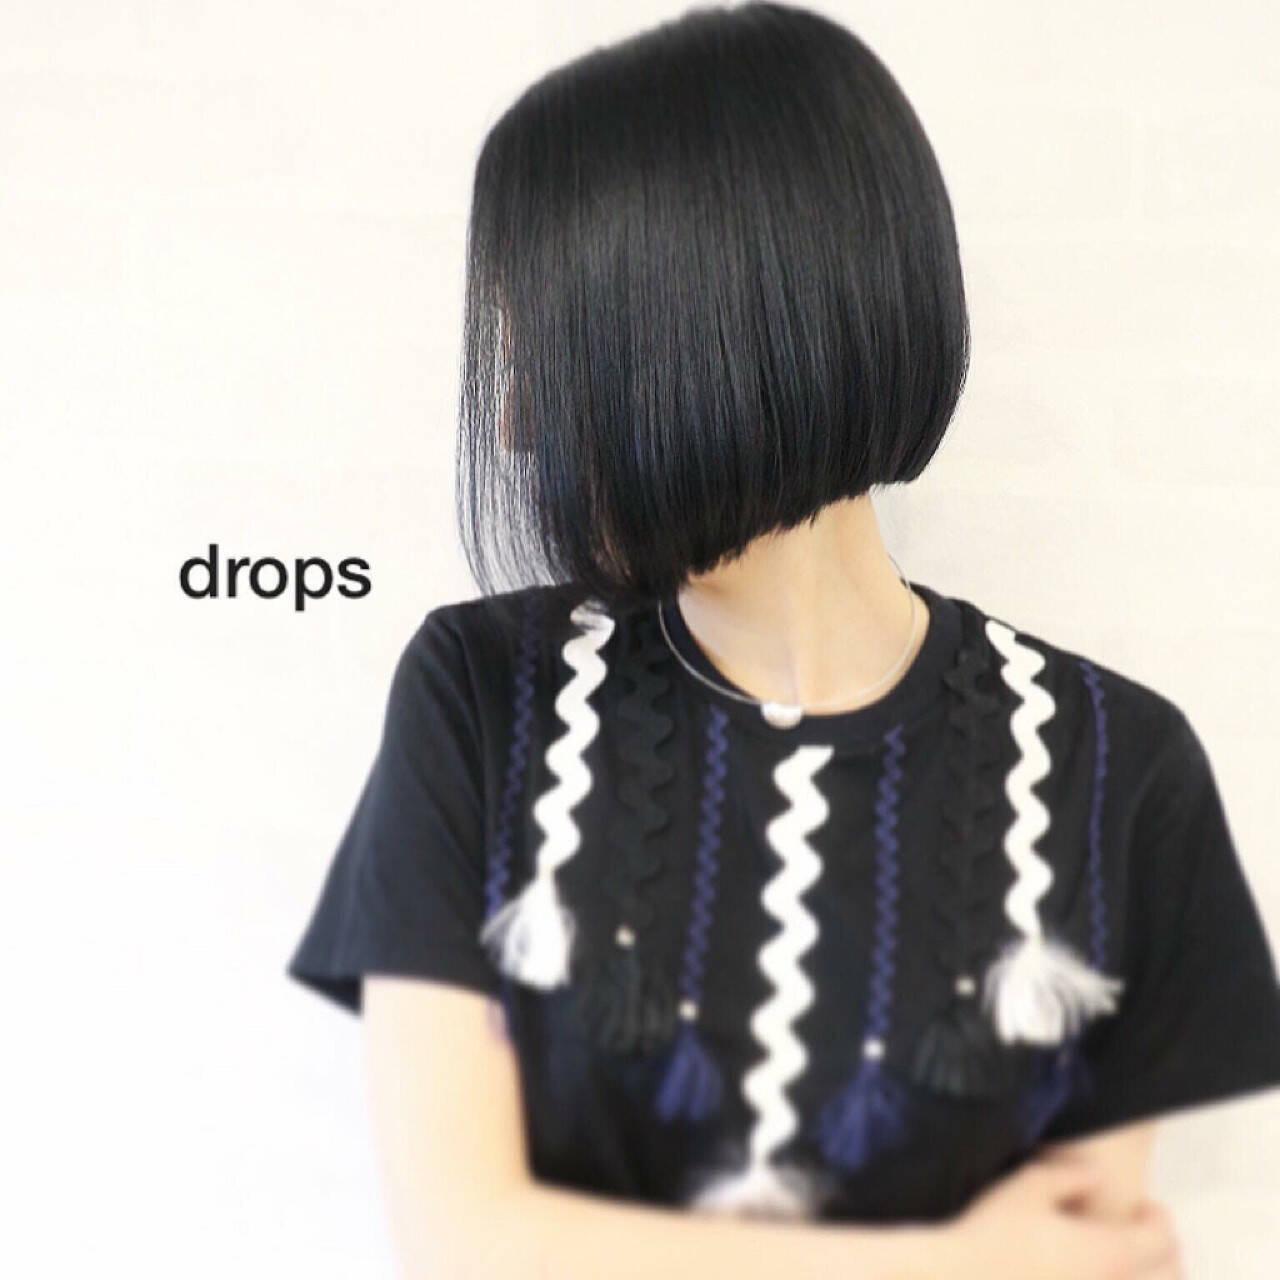 ストレート モード ボブ ブルーブラックヘアスタイルや髪型の写真・画像